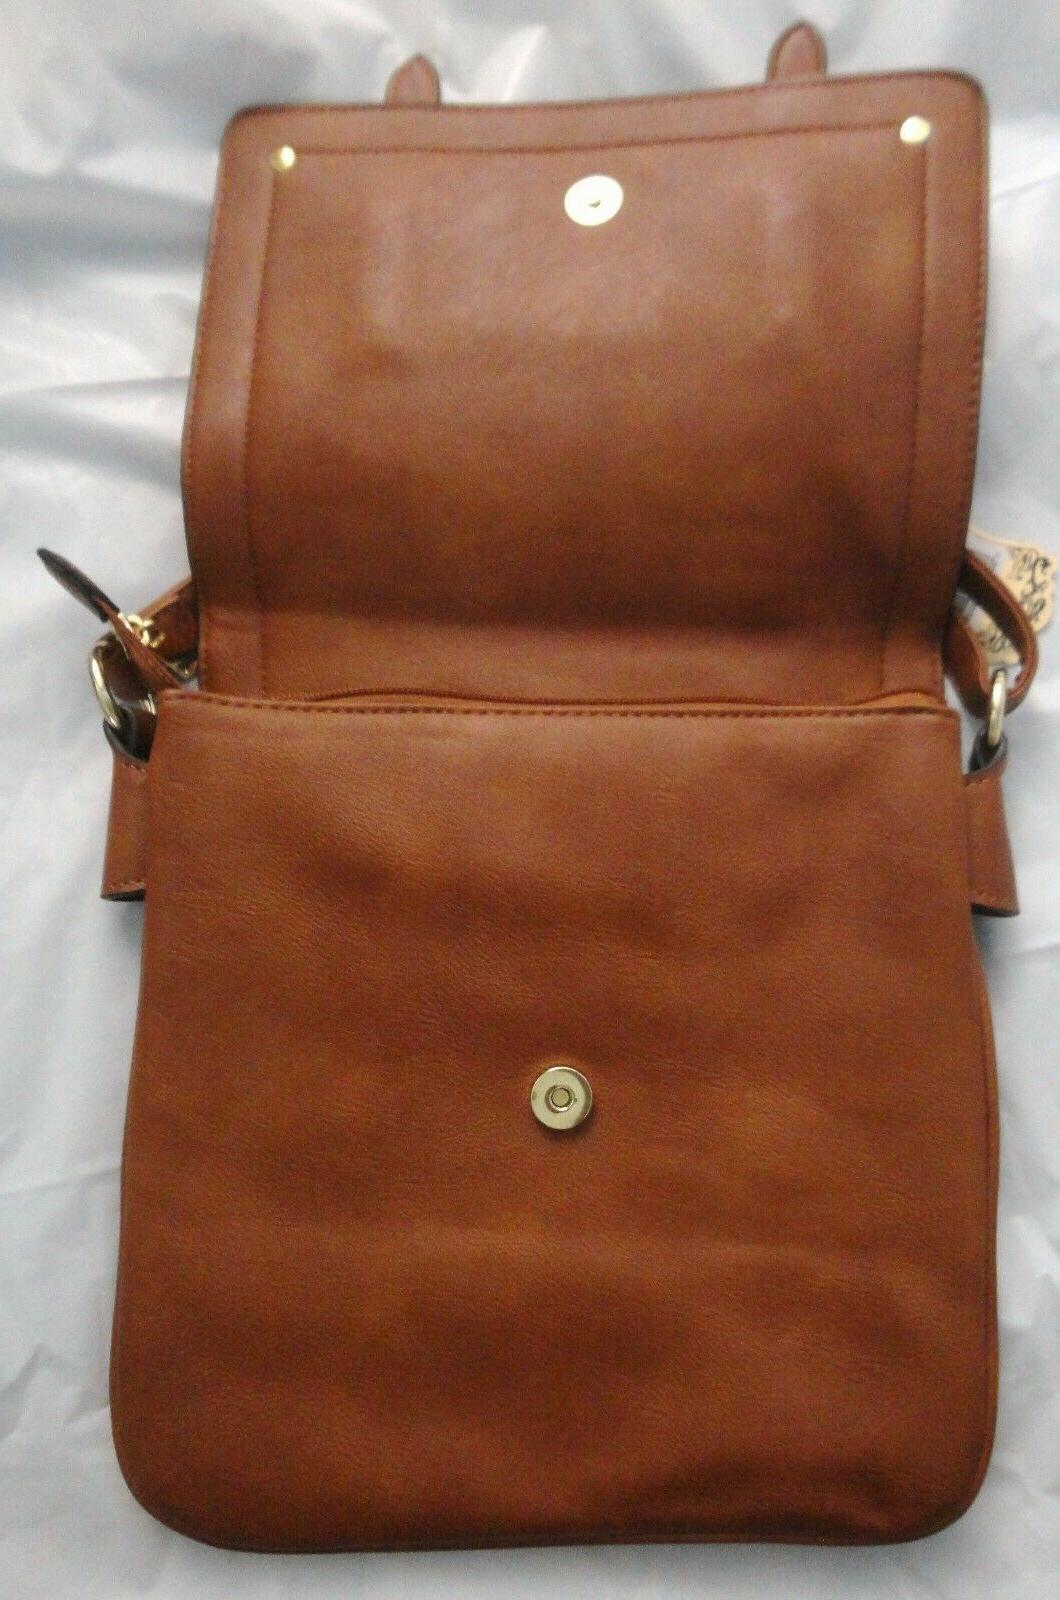 Alyssa Crossbody, Compartment, Bag, NEW